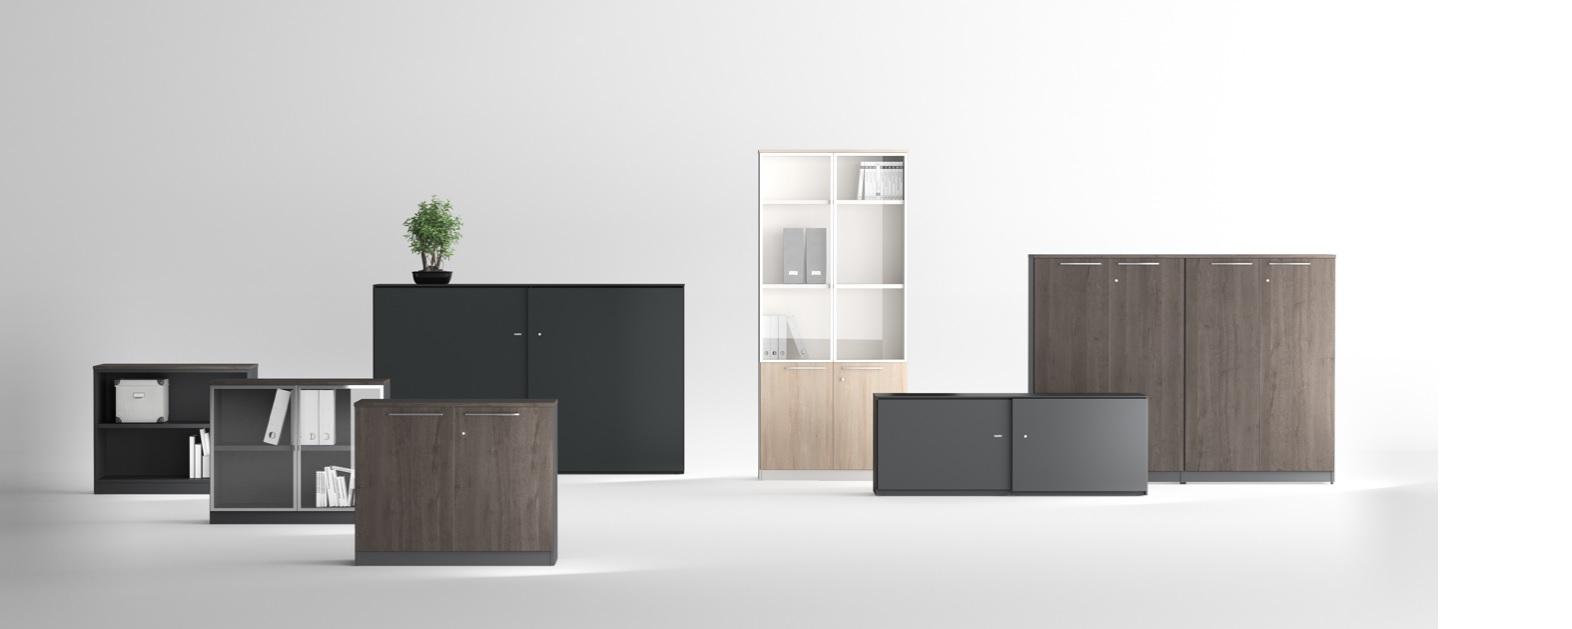 Garysan sistemas empresa de dise o de espacios de trabajo for Mobiliario de oficina concepto